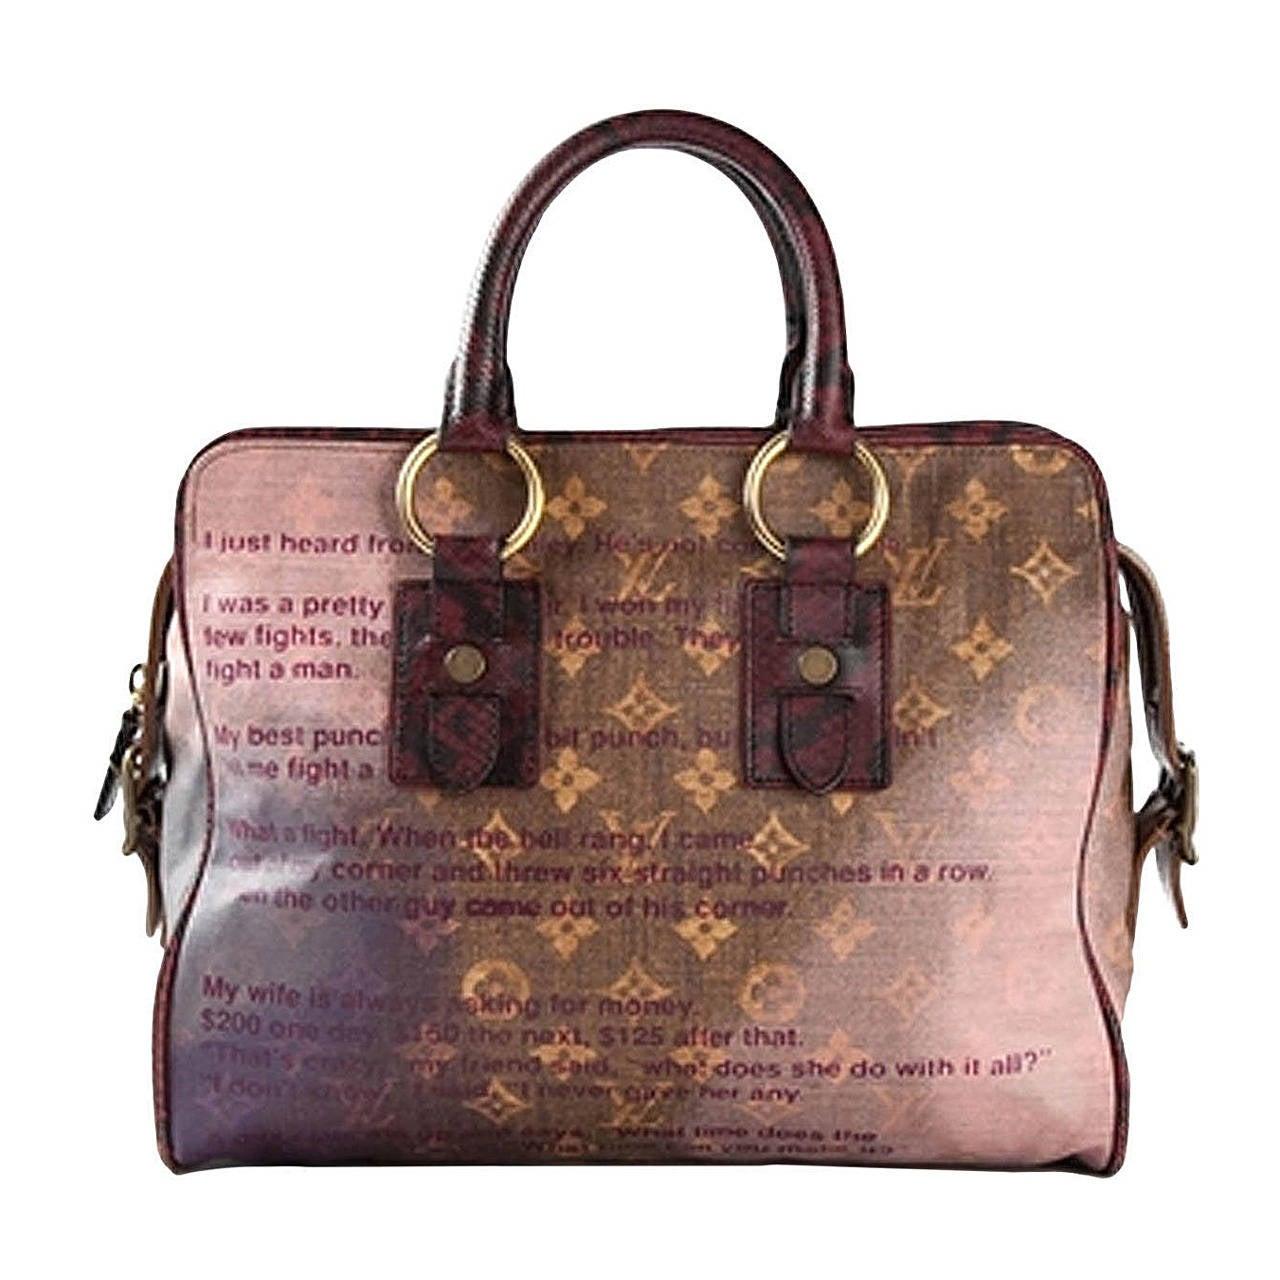 2008 Louis Vuitton by Richard Prince